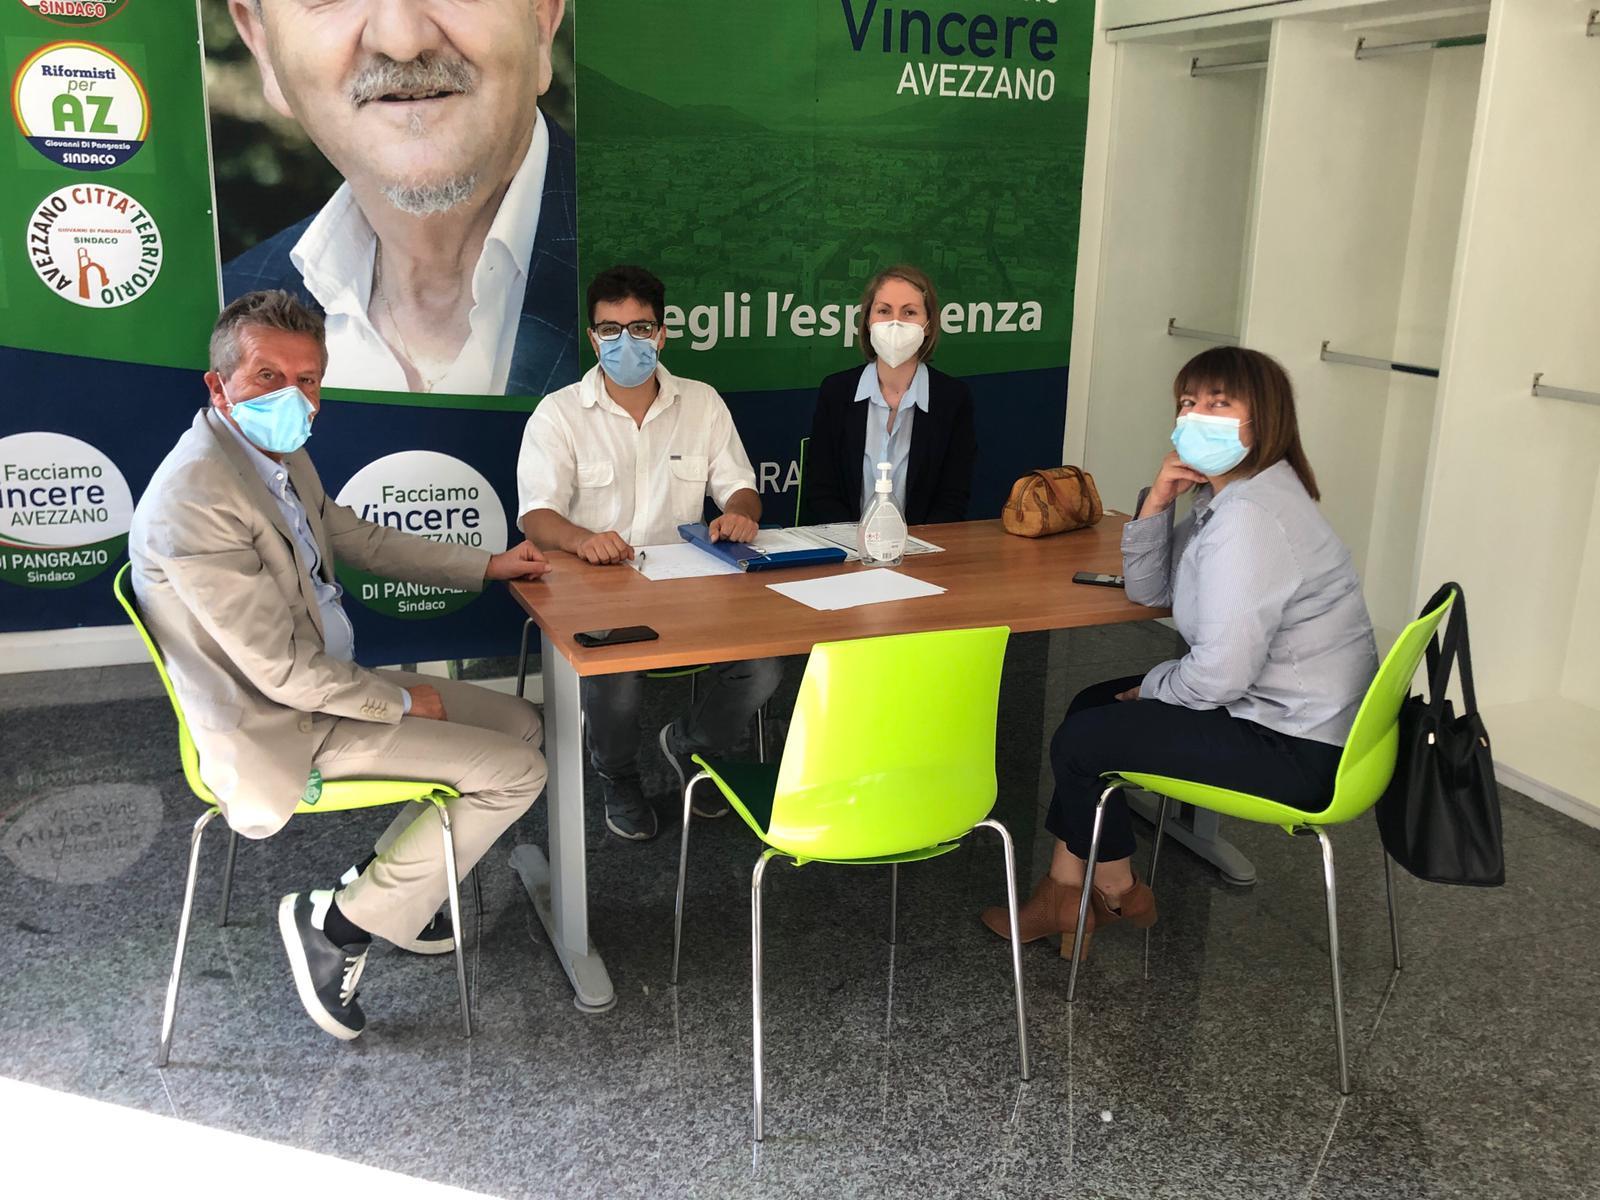 """Di Pangrazio incontra UniMov, associazione studentesca della facoltà di Giurisprudenza, """"L'università ad Avezzano è un patrimonio che va salvaguardato e protetto"""""""